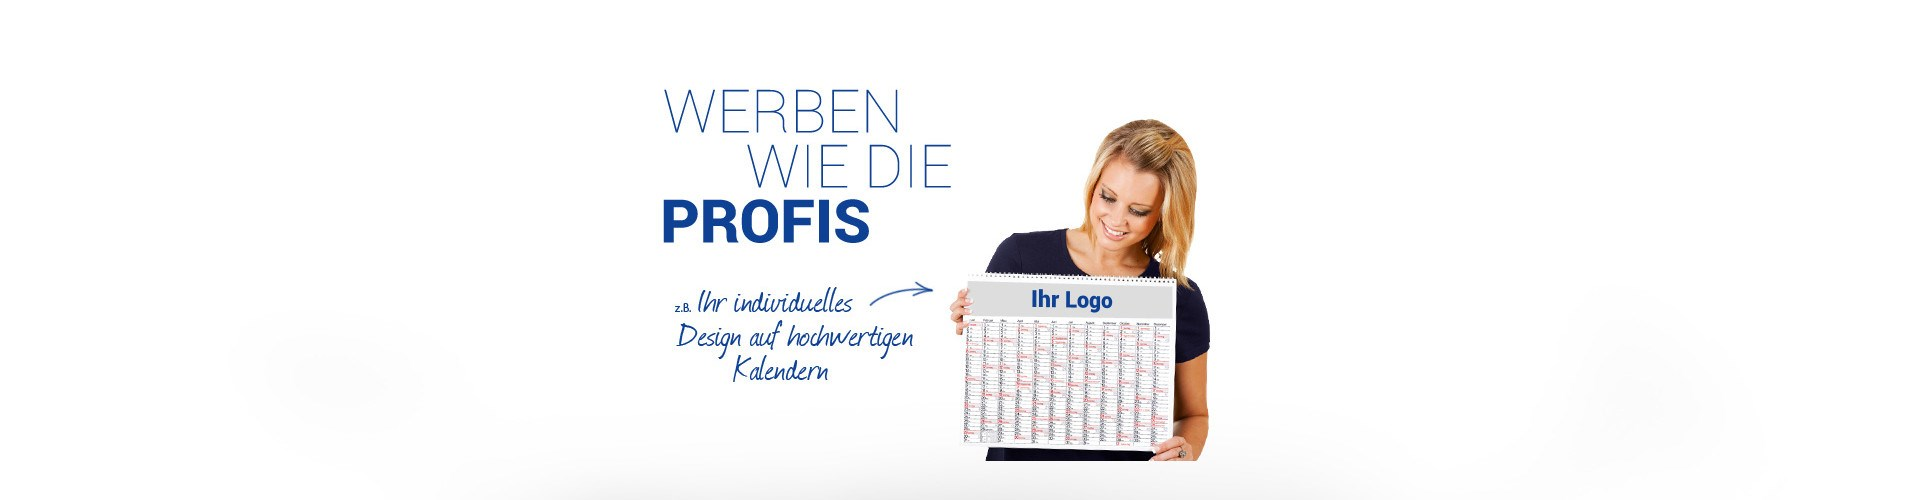 Professionelle Werbekalender mit Logo